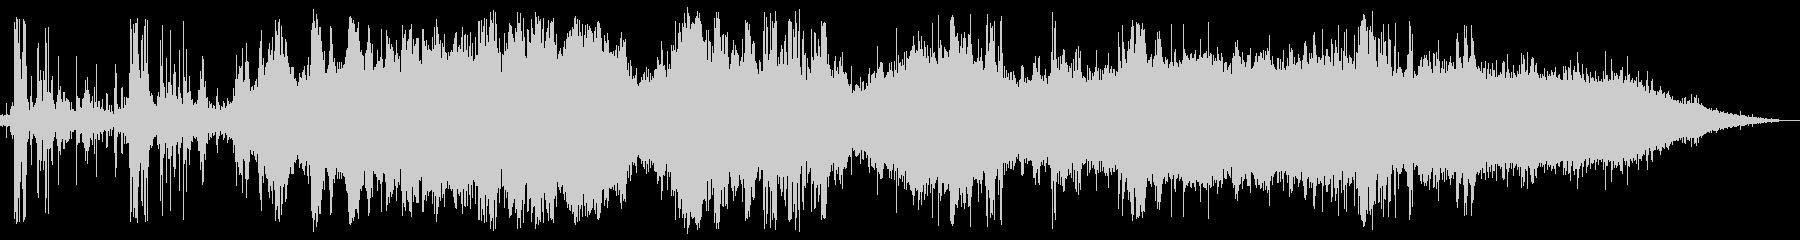 ゴロゴロドーン・ザザー(夕立の音)の未再生の波形